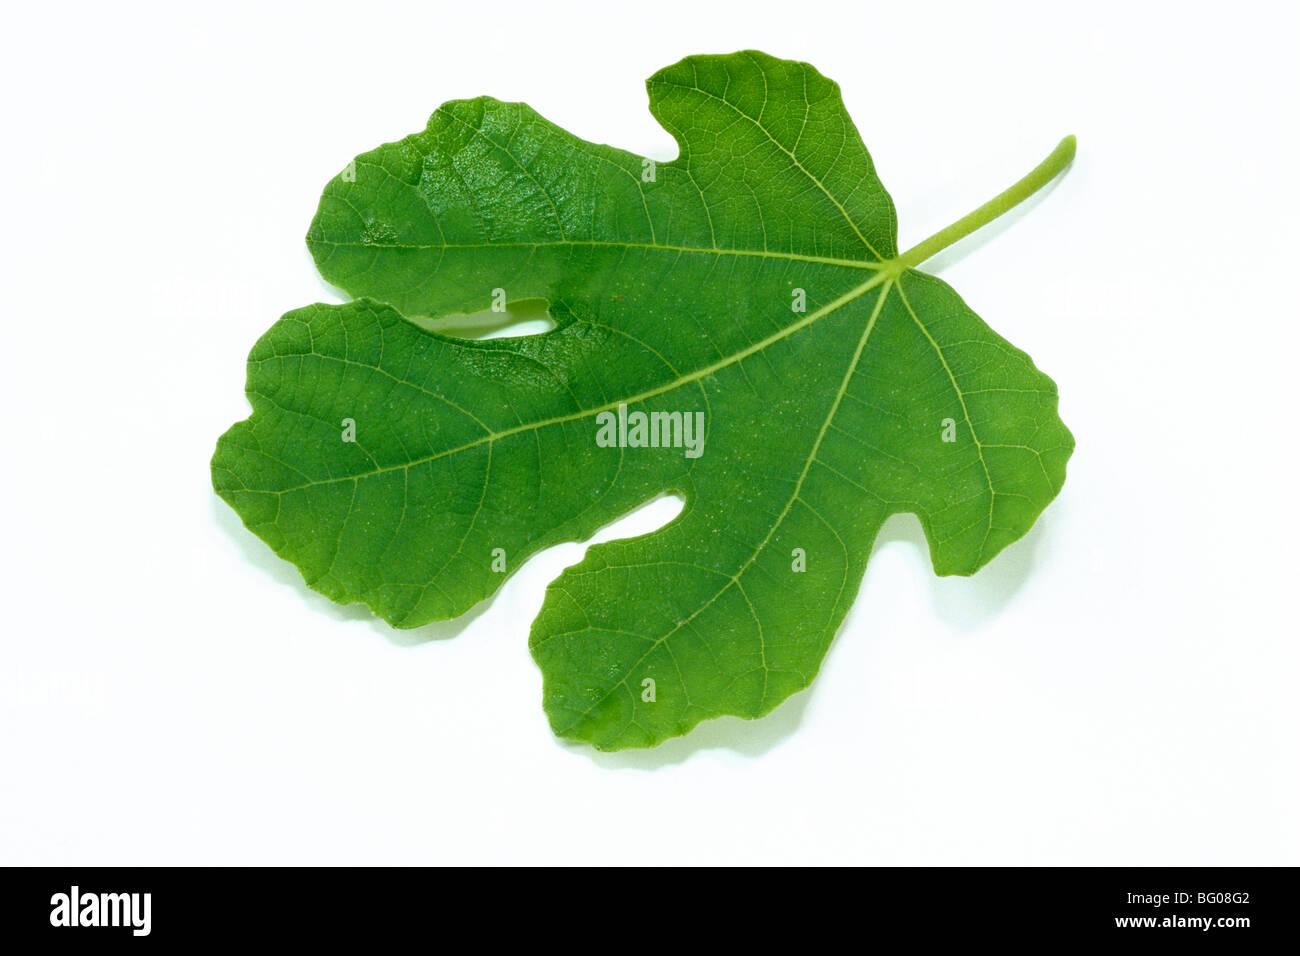 Comune Fig (Ficus carica), foglia, studio immagine. Immagini Stock